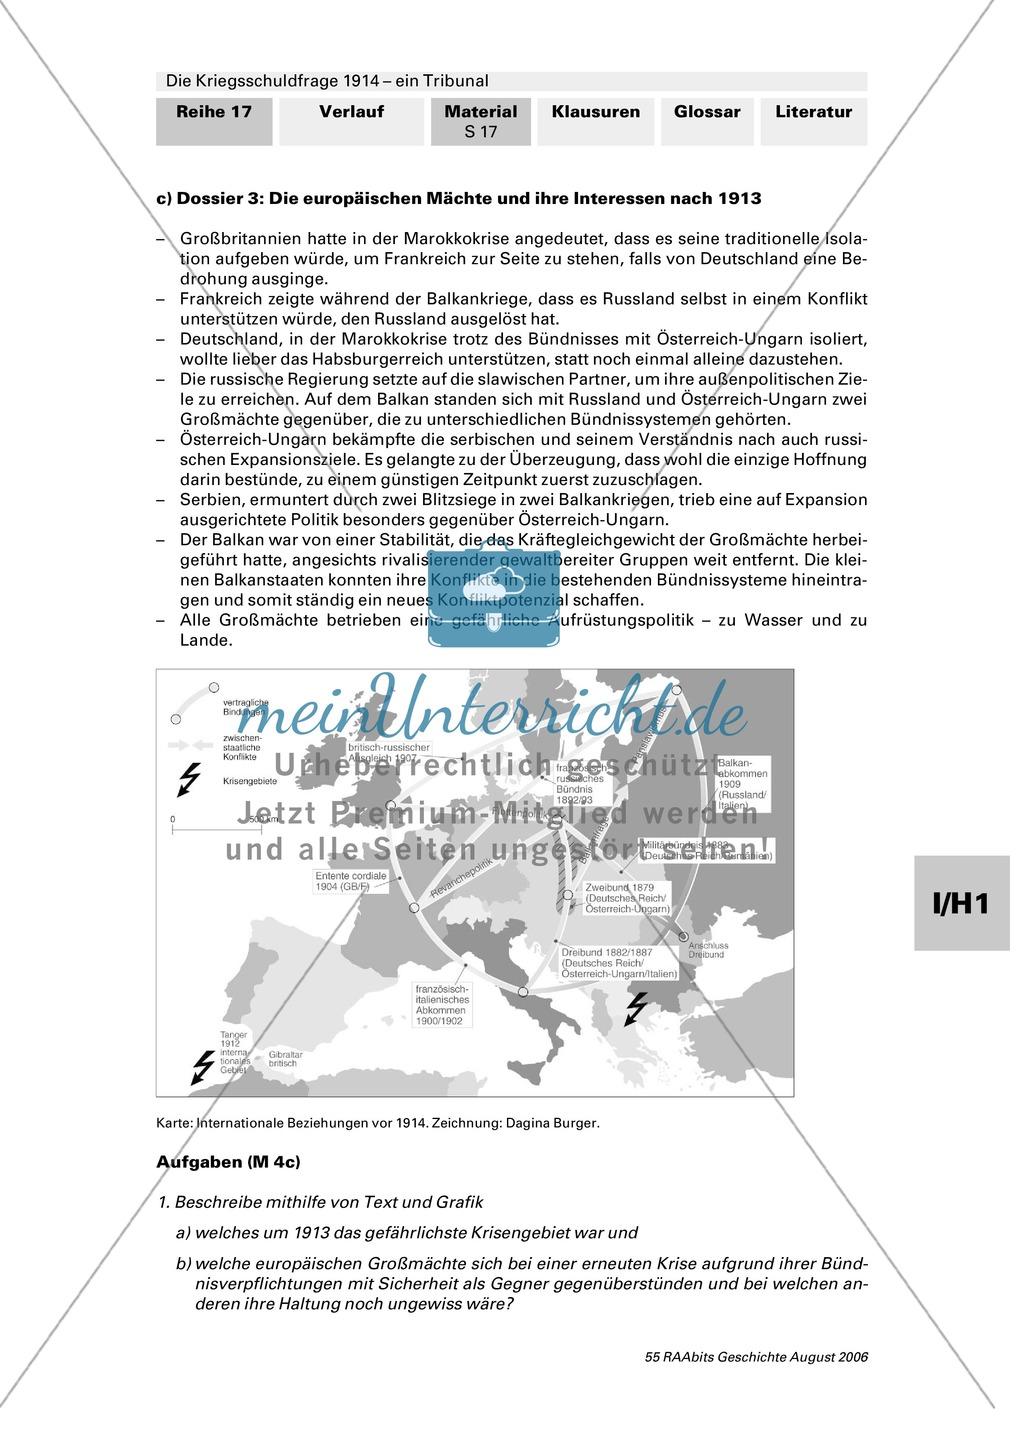 Die Kriegsschuldfrage 1914 - ein Tribunal: Vorbereitung des Rollenspiels mithilfe von Quellen (Depeschen, Telegramme, Dossiers) + Einbettung in den historischen Kontext Preview 12